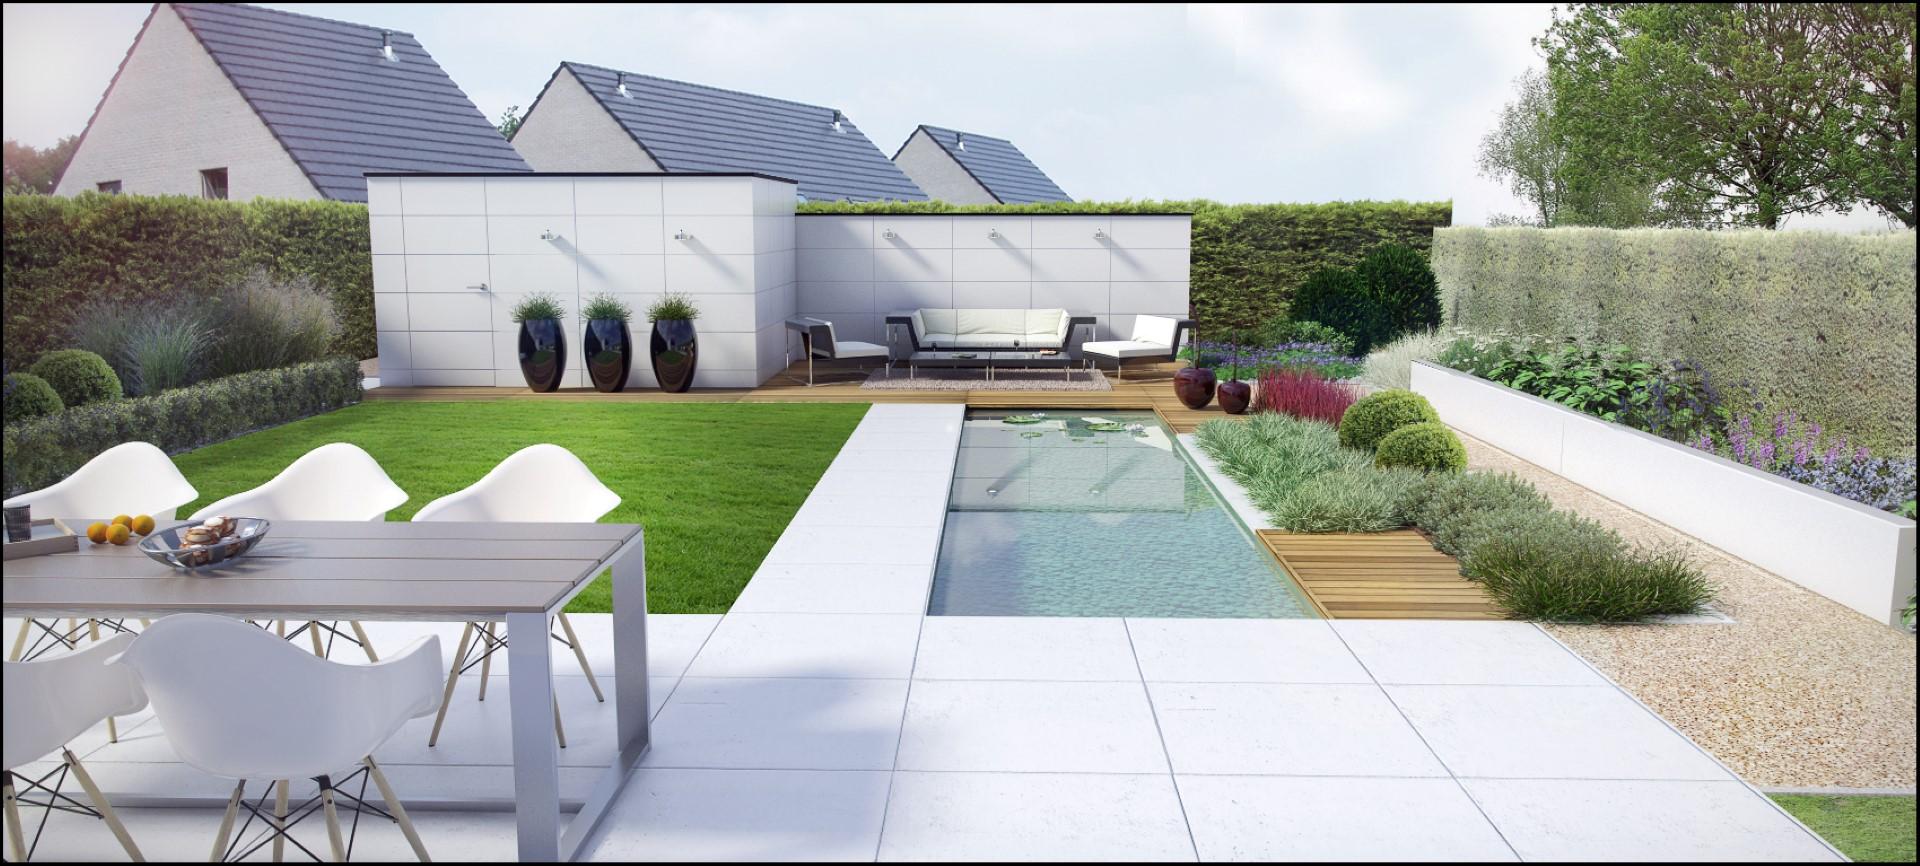 Eco tuinarchitectengroep 3d projecten villa tuin for Eenvoudige tuinontwerpen